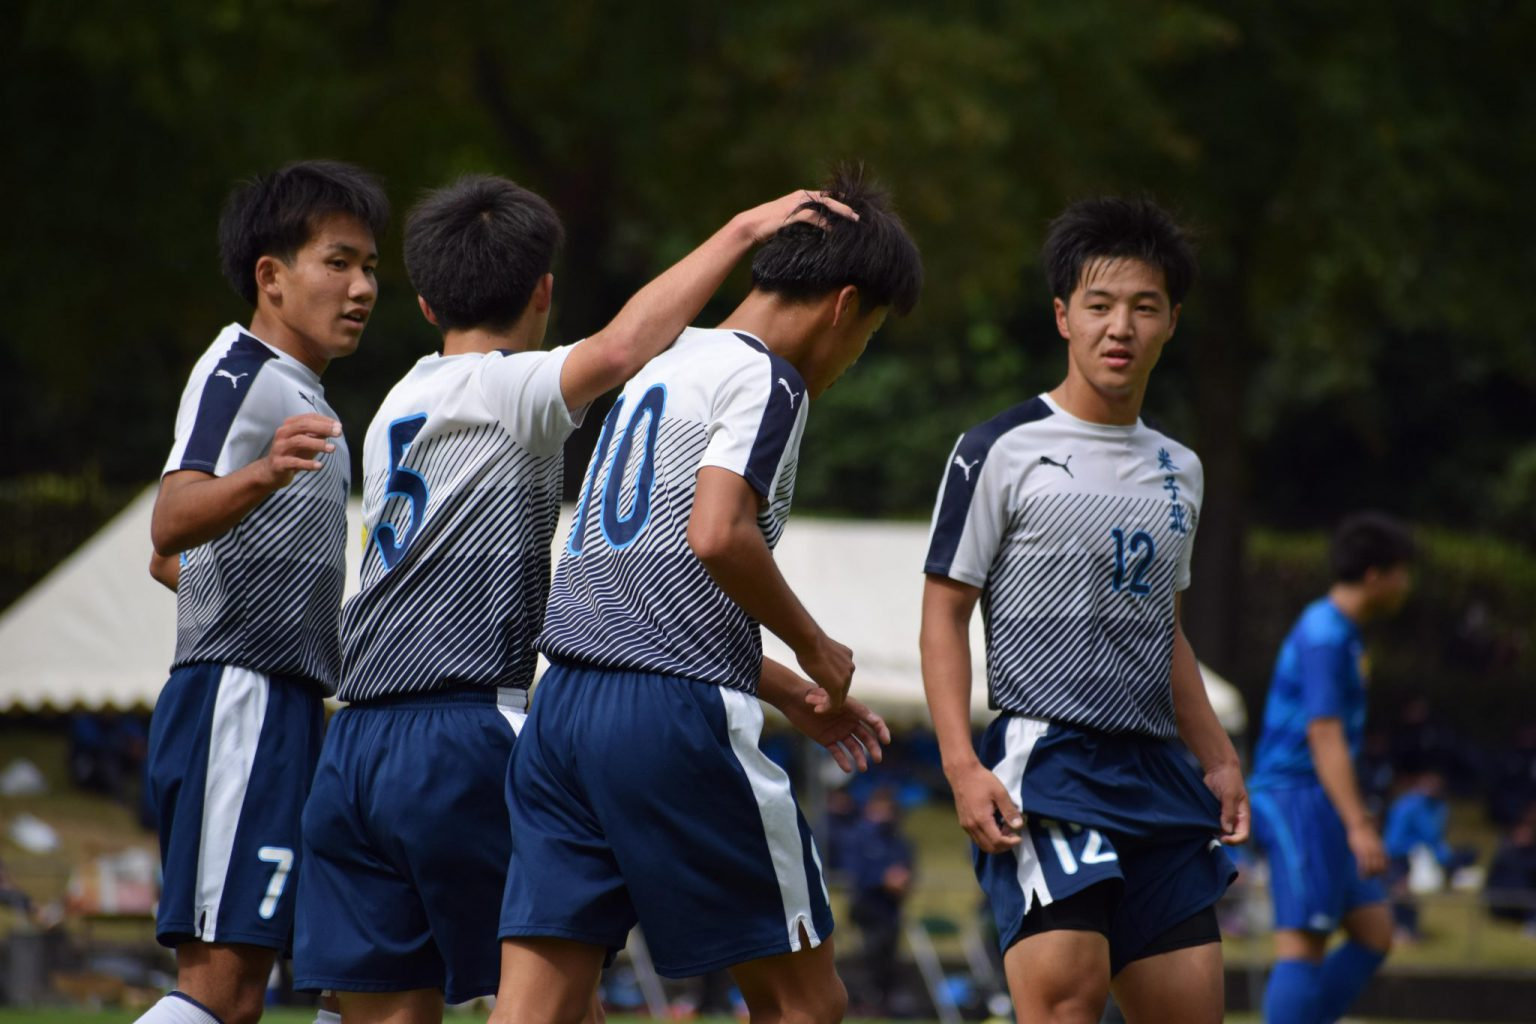 サッカー:10/24・米子松蔭戦 試合結果